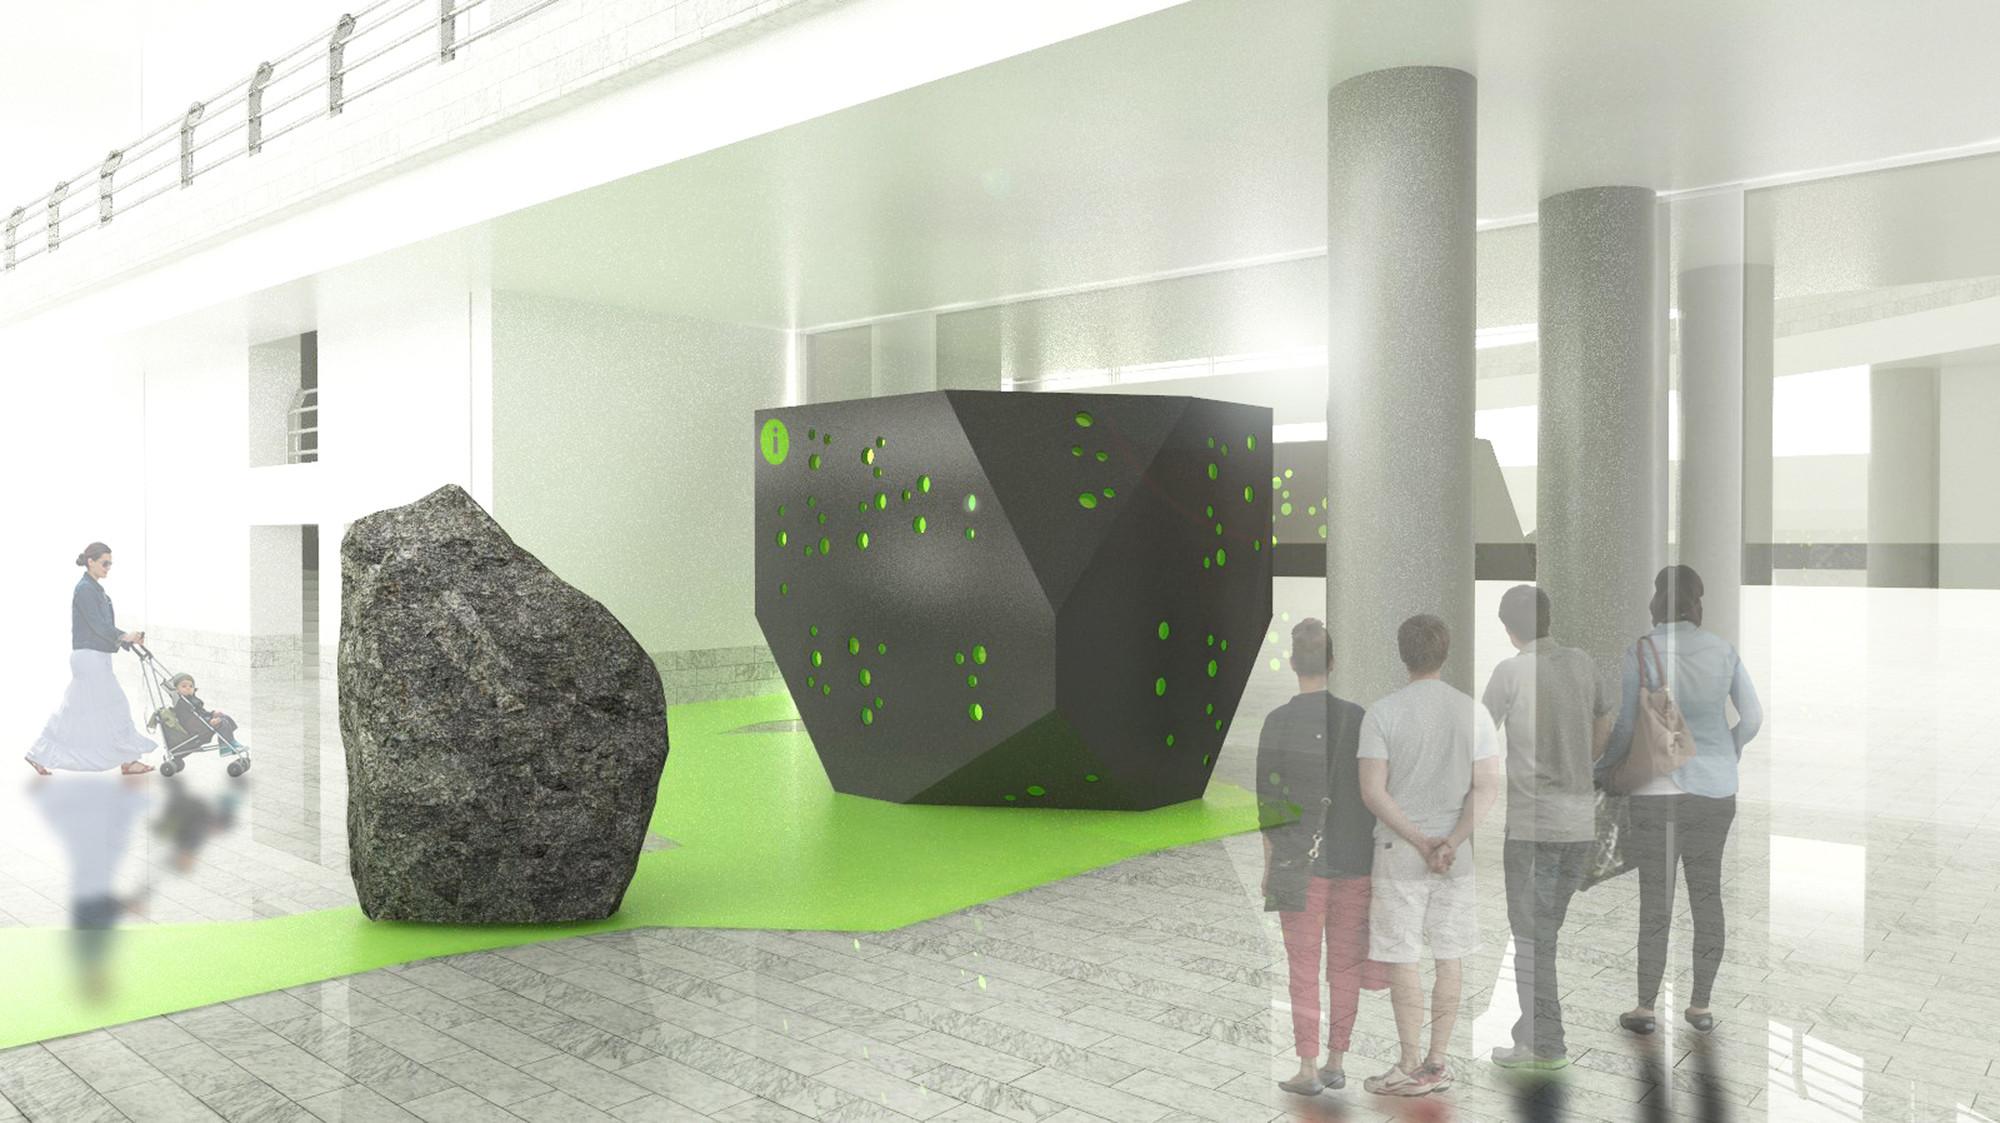 Primer Lugar Concurso del Stand de información del Patronato de Turismo en el Aeropuerto de Lanzarote / España, Courtesy of OOIIO Arquitectura